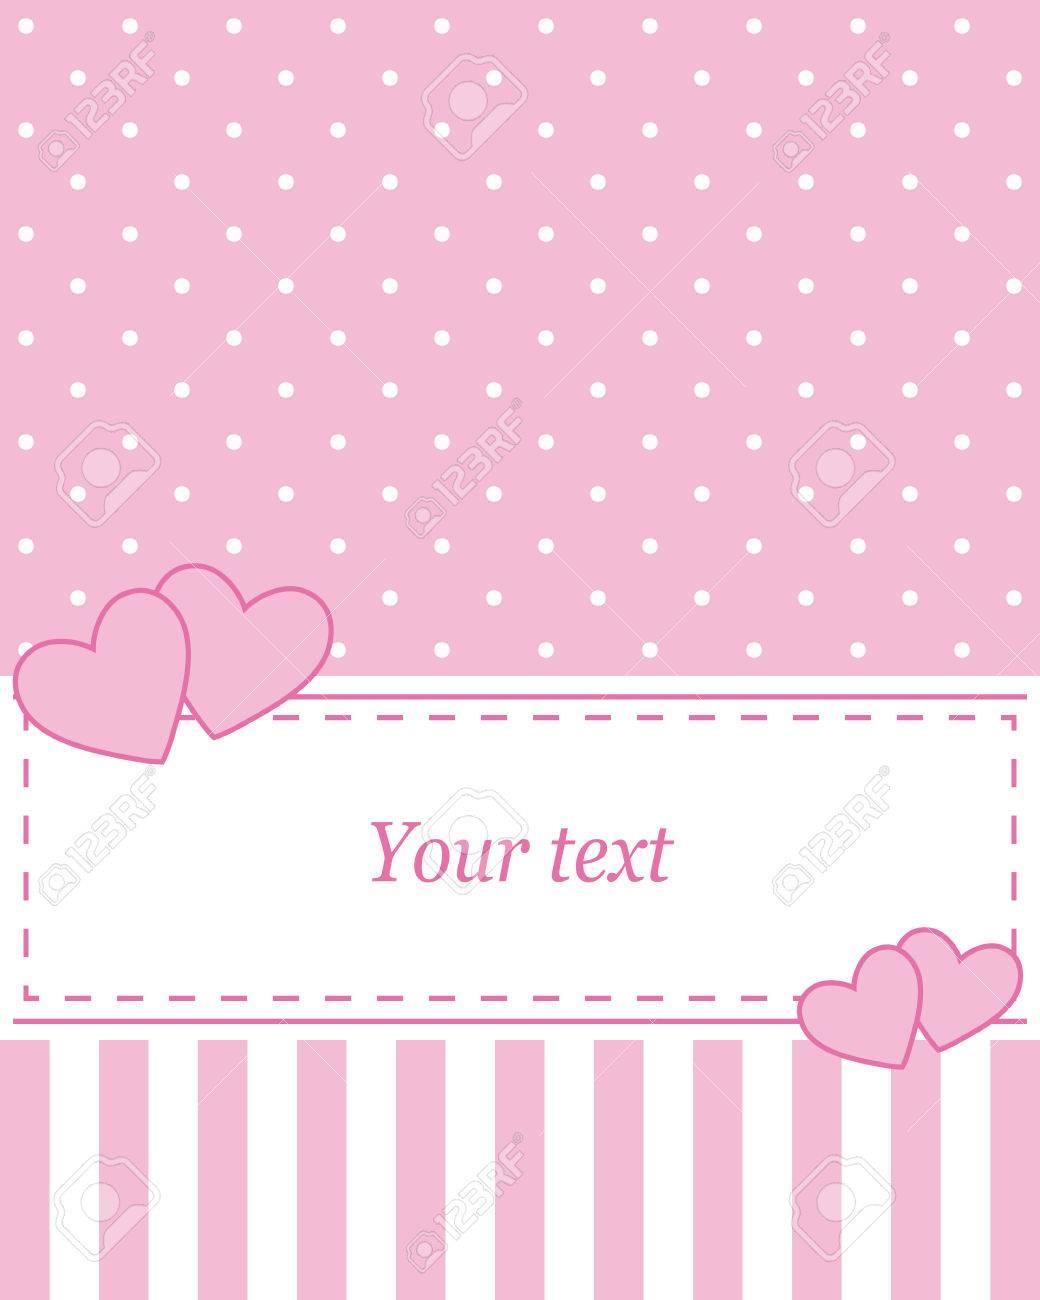 Vettoriale Elegante Carta Vettore Rosa Pubblicità O Invito A